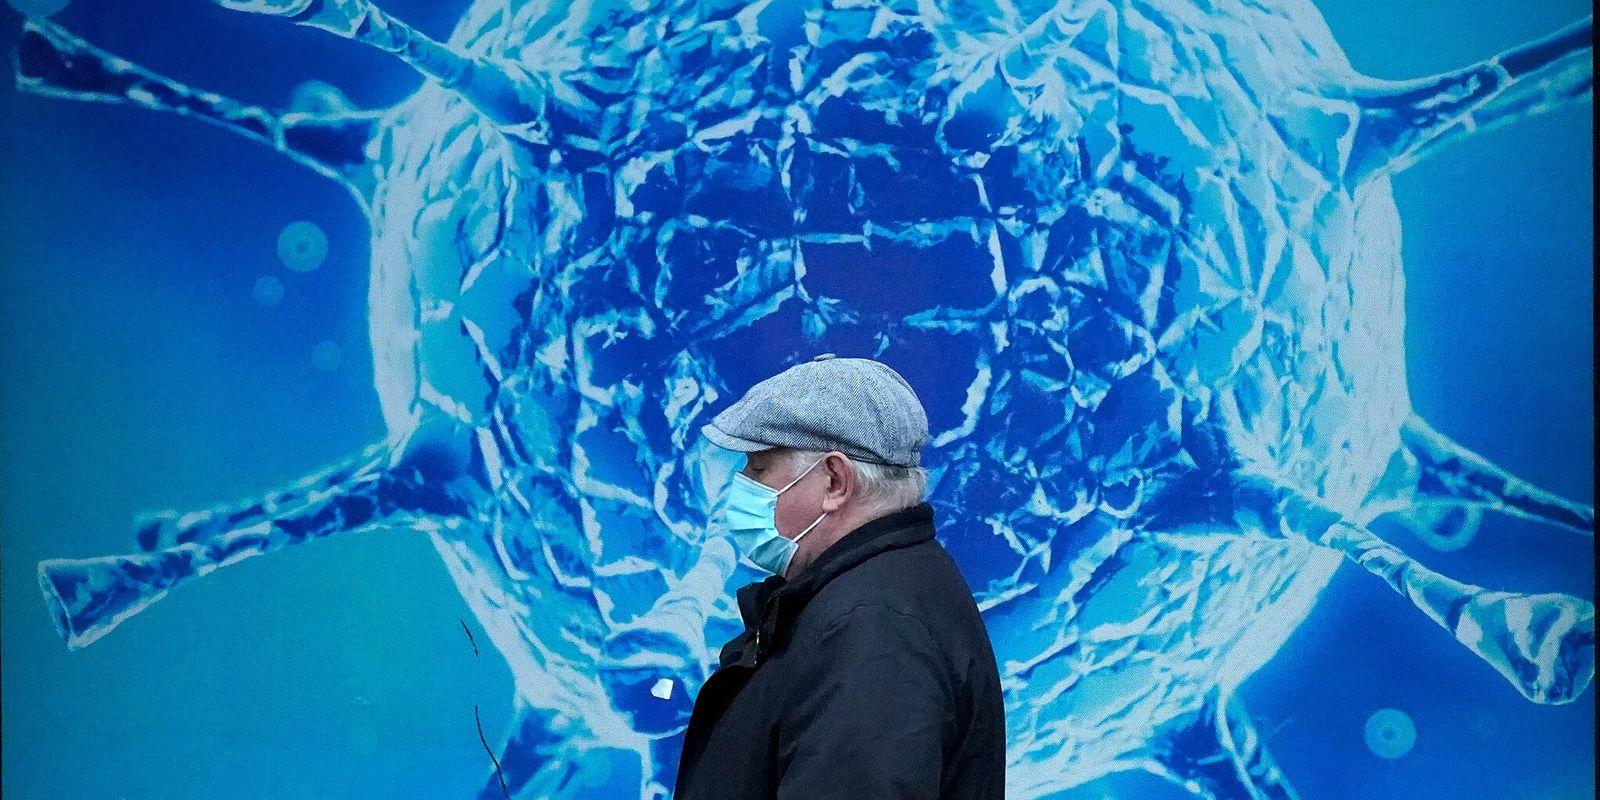 ¿Ya has tenido el coronavirus? Podrías contraerlo una segunda vez